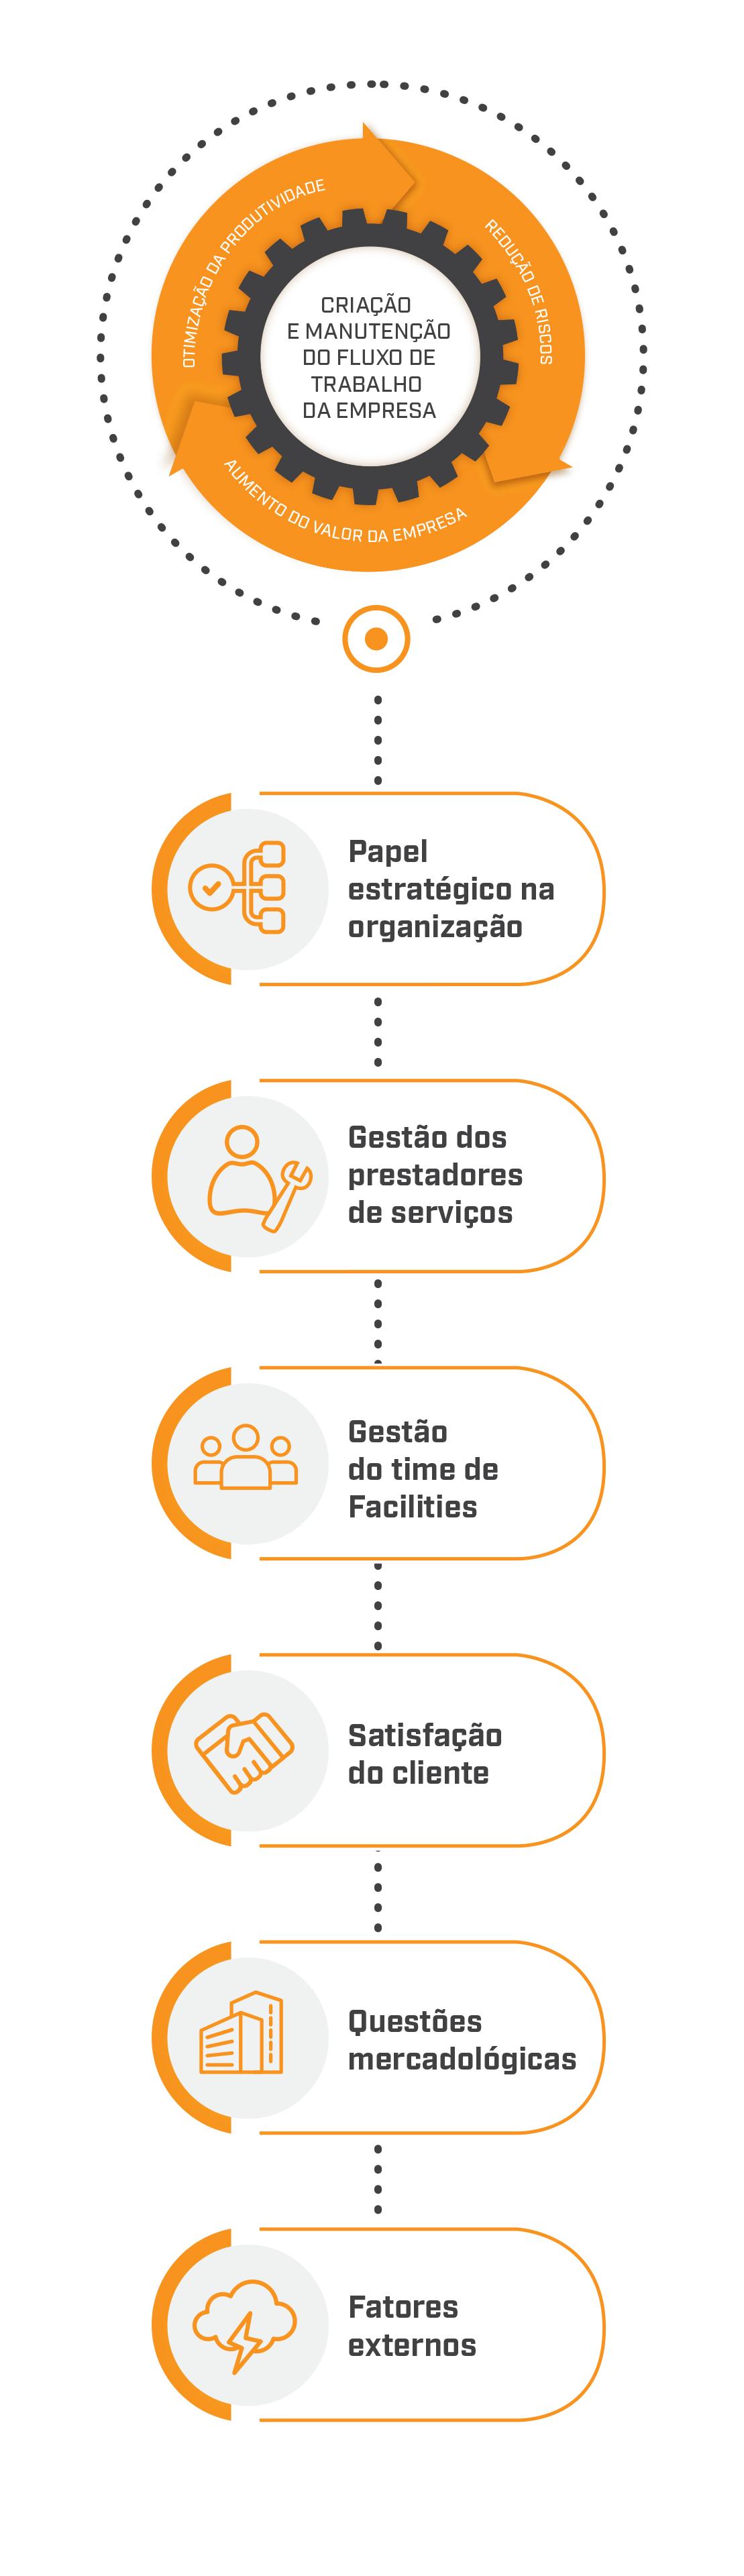 Infográfico sobre Facilities